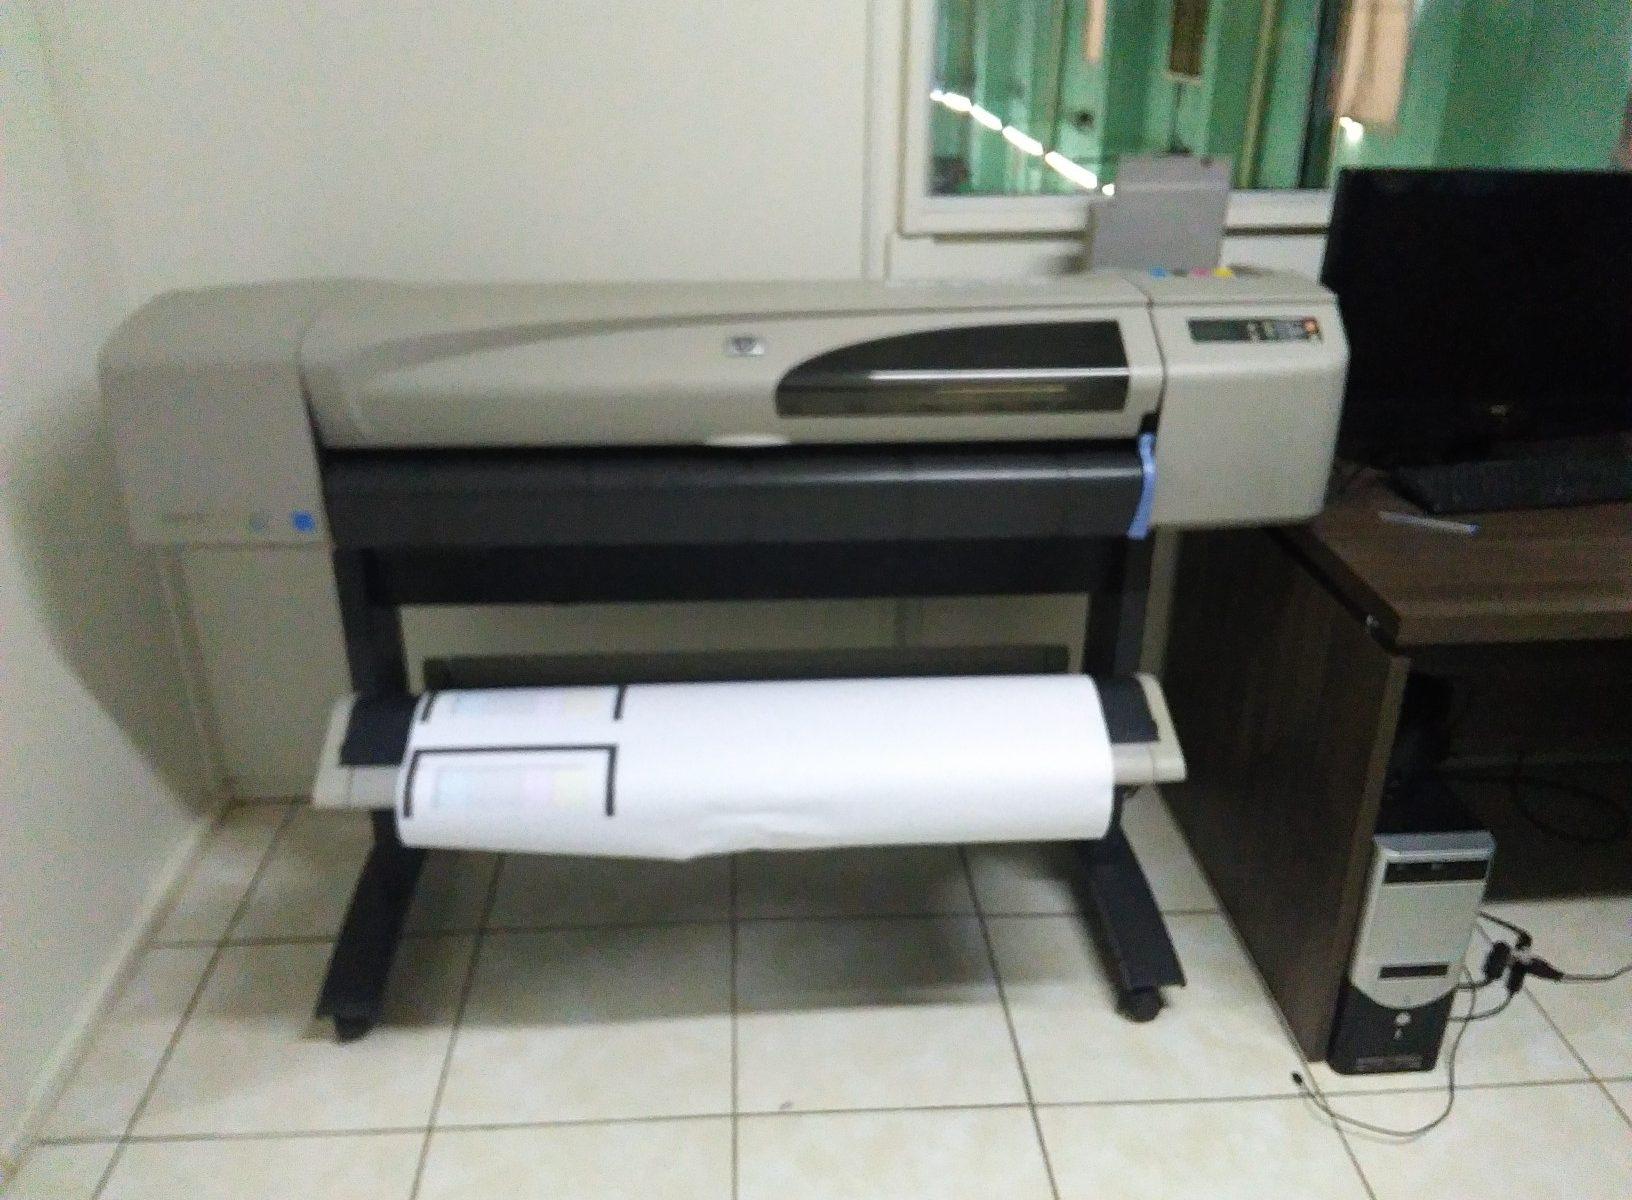 Plotter Seminovo para Confeção HP Designjet 500 vendido em São Paulo – Cidade de Taguaí